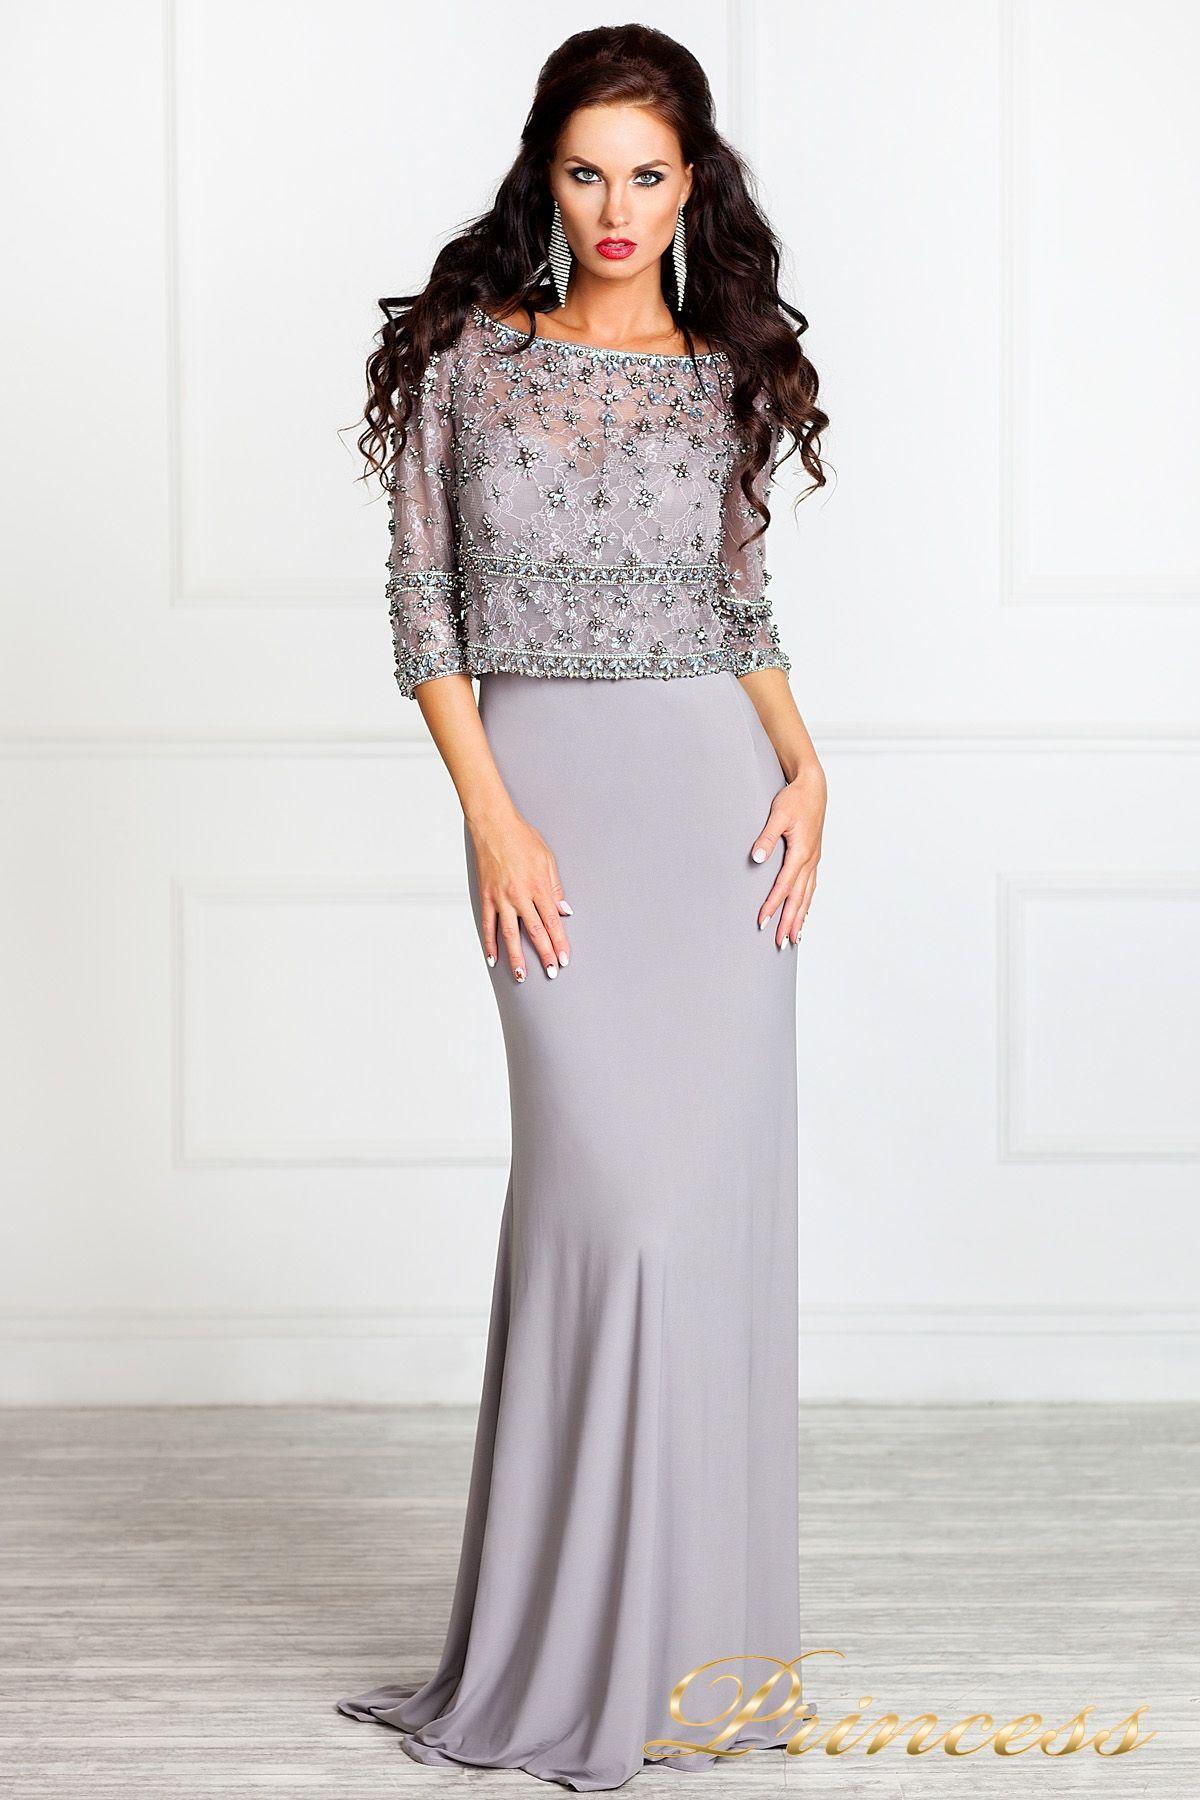 Вечернее платье 13044 в Санкт-Петербурге   Интернет-магазин платьев  Принцесса СПБ レディースファッション be76f57a4f9